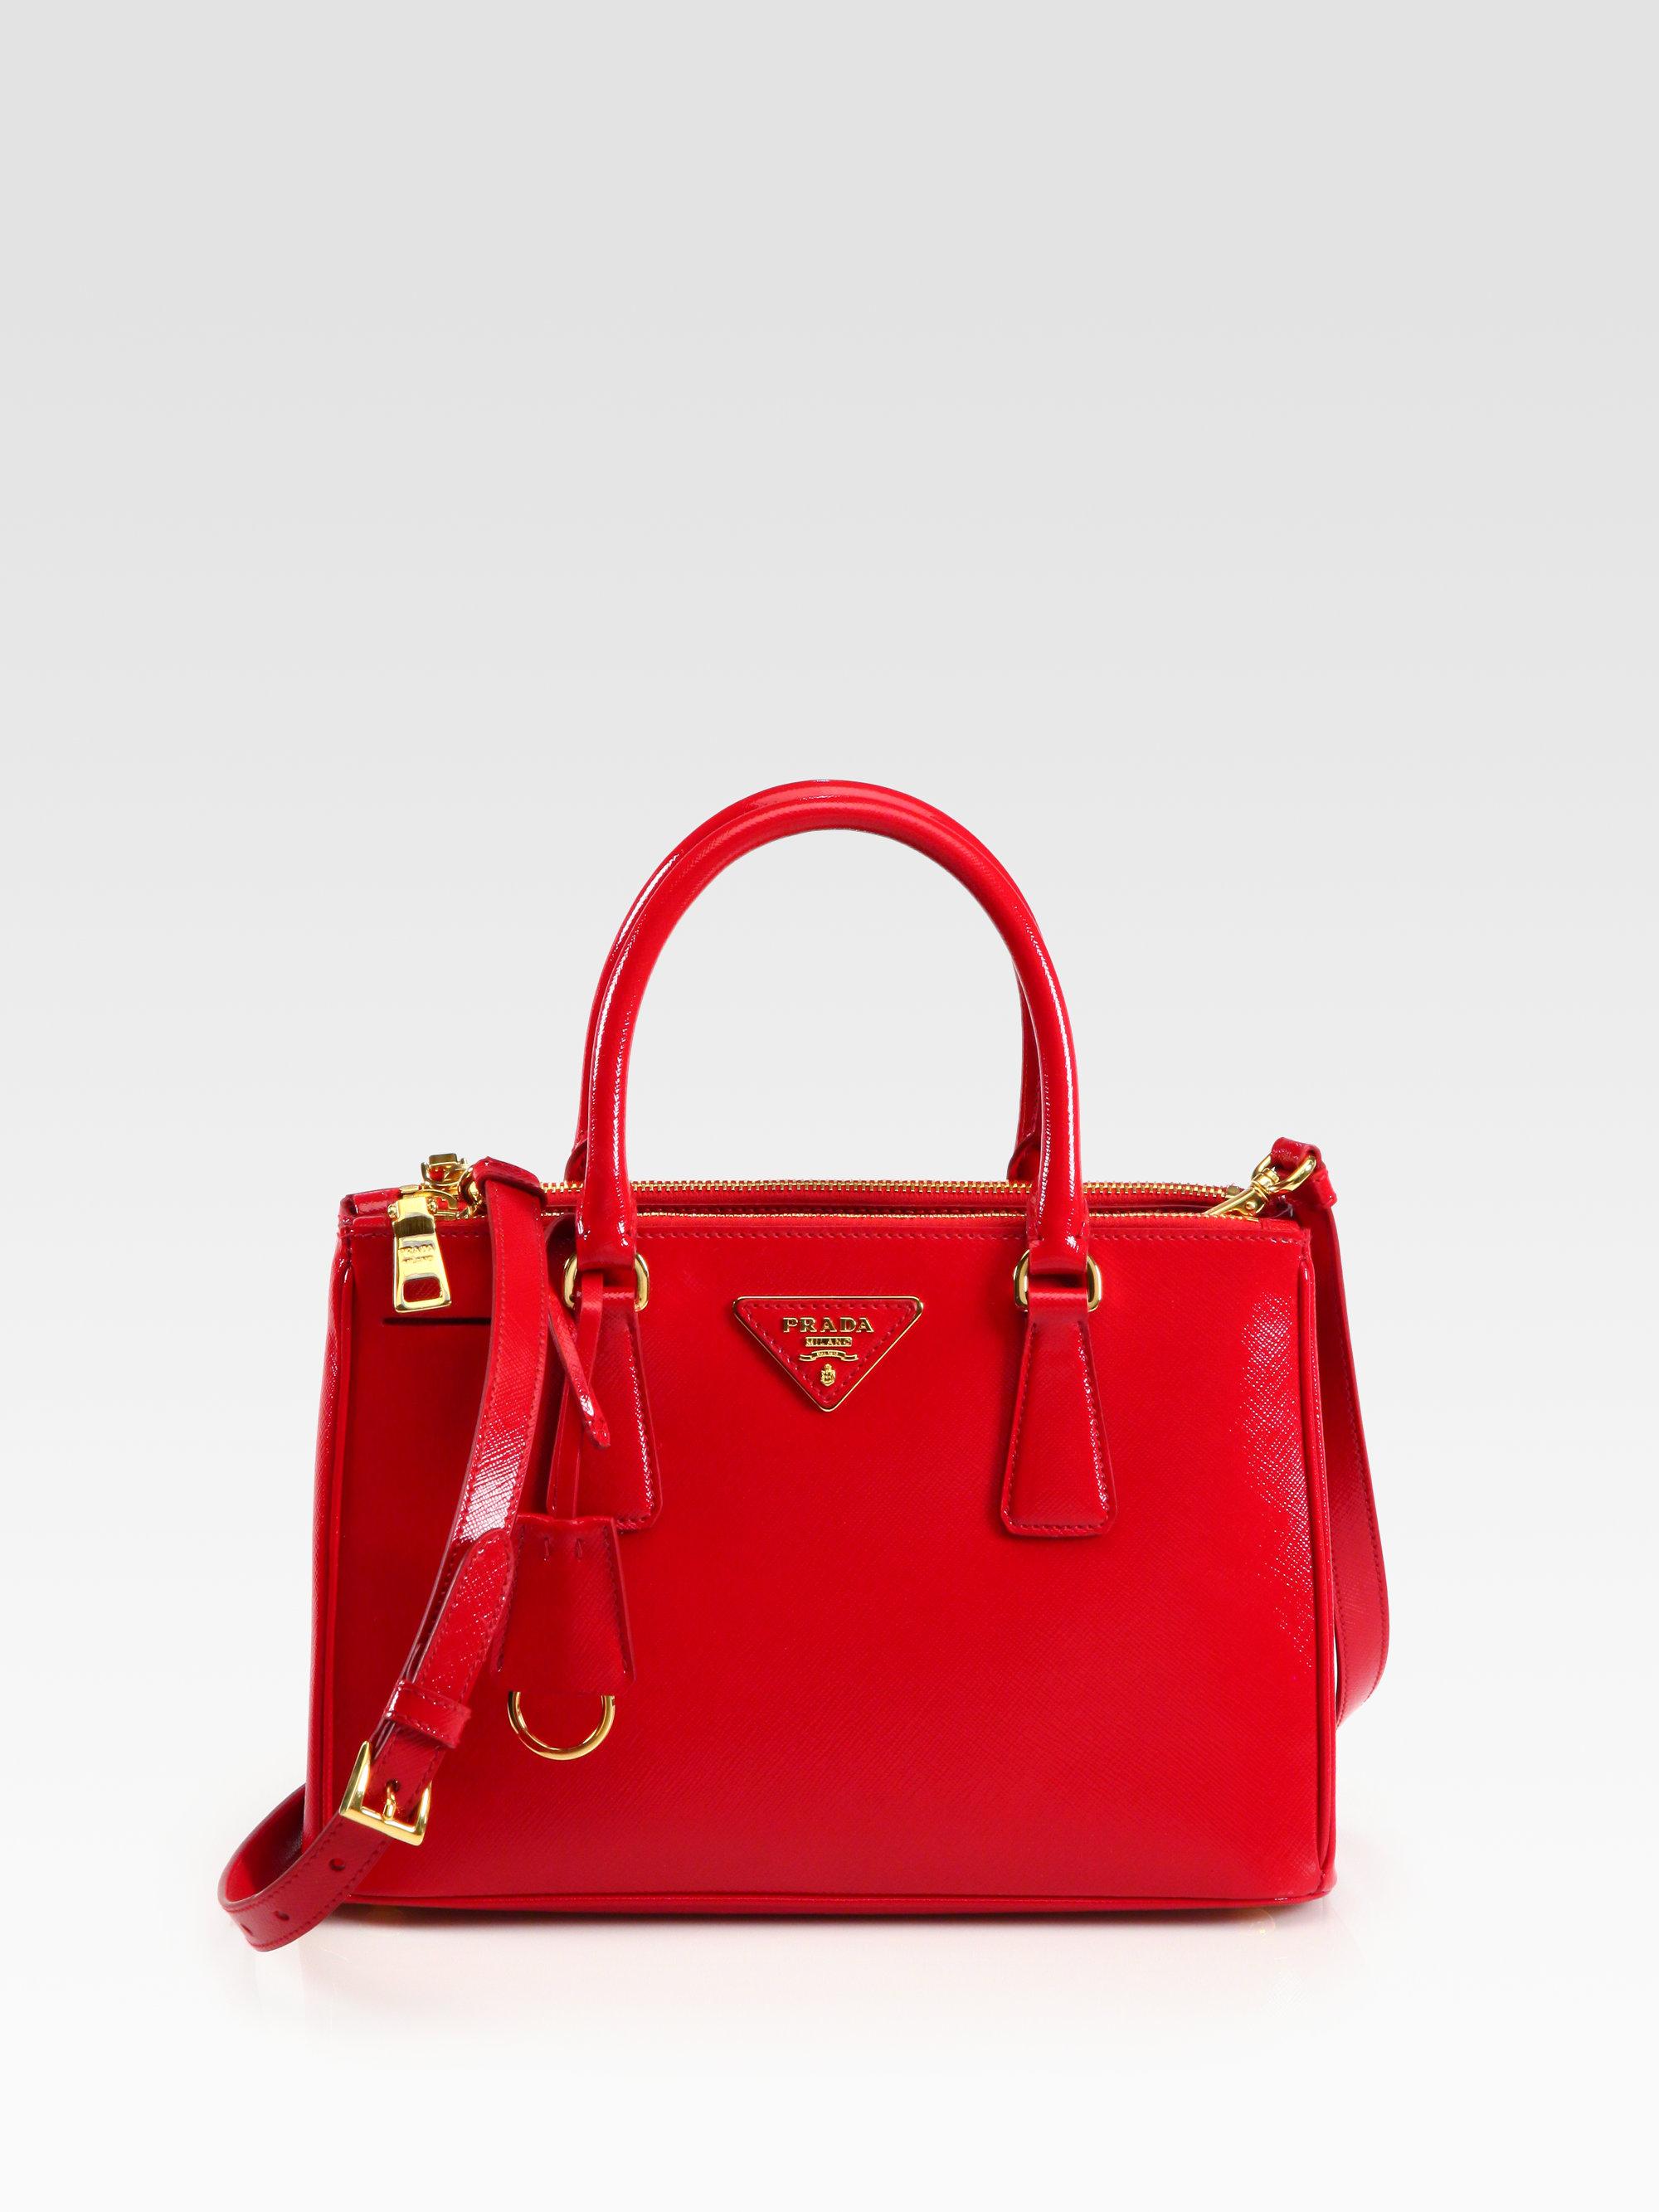 0e1212498e6 Prada Saffiano Vernice Tote in Red - Lyst